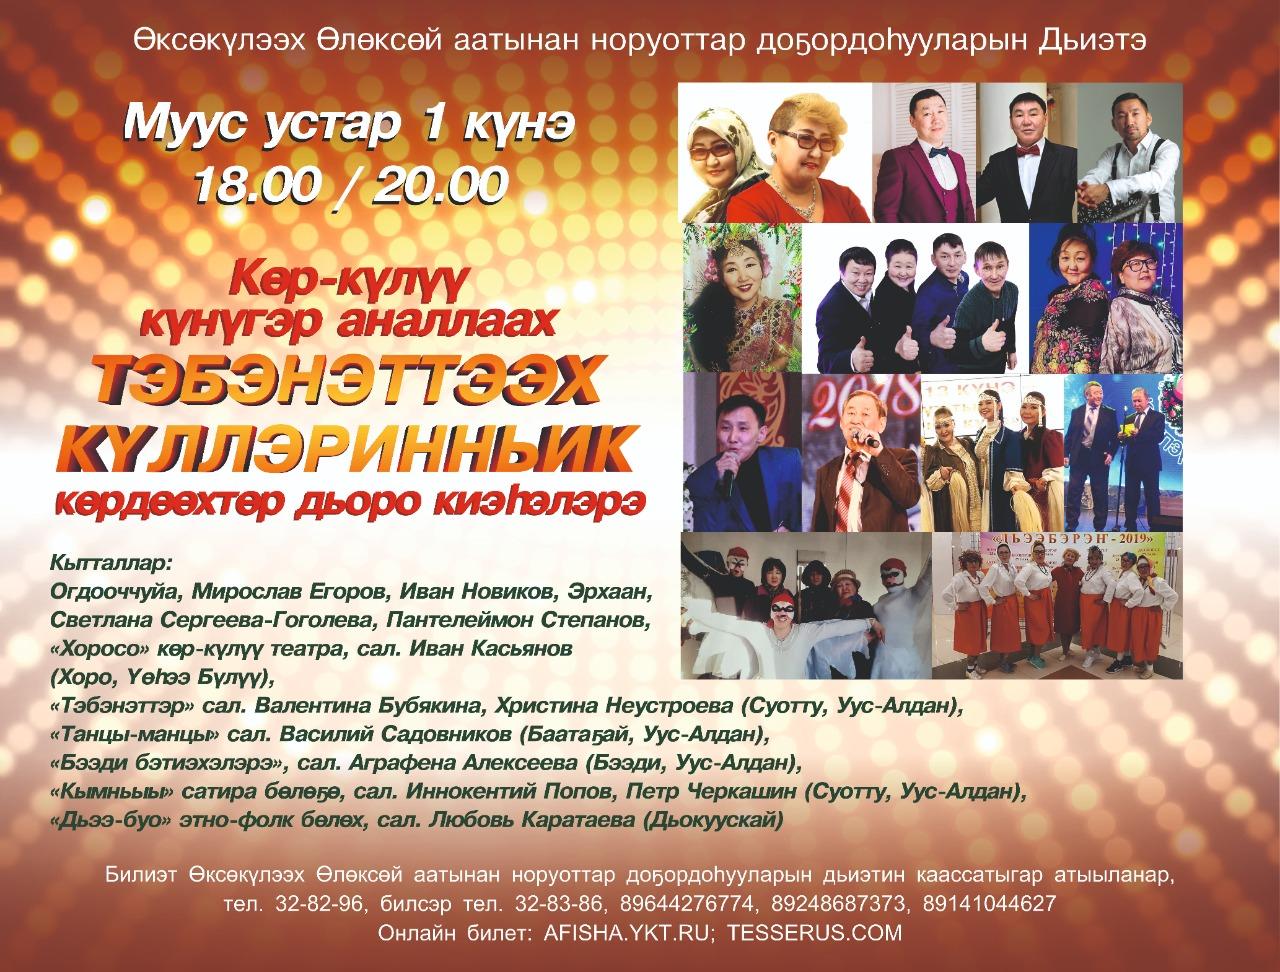 Юмористический концерт «Тэбэнэттээх Куллэринньик»